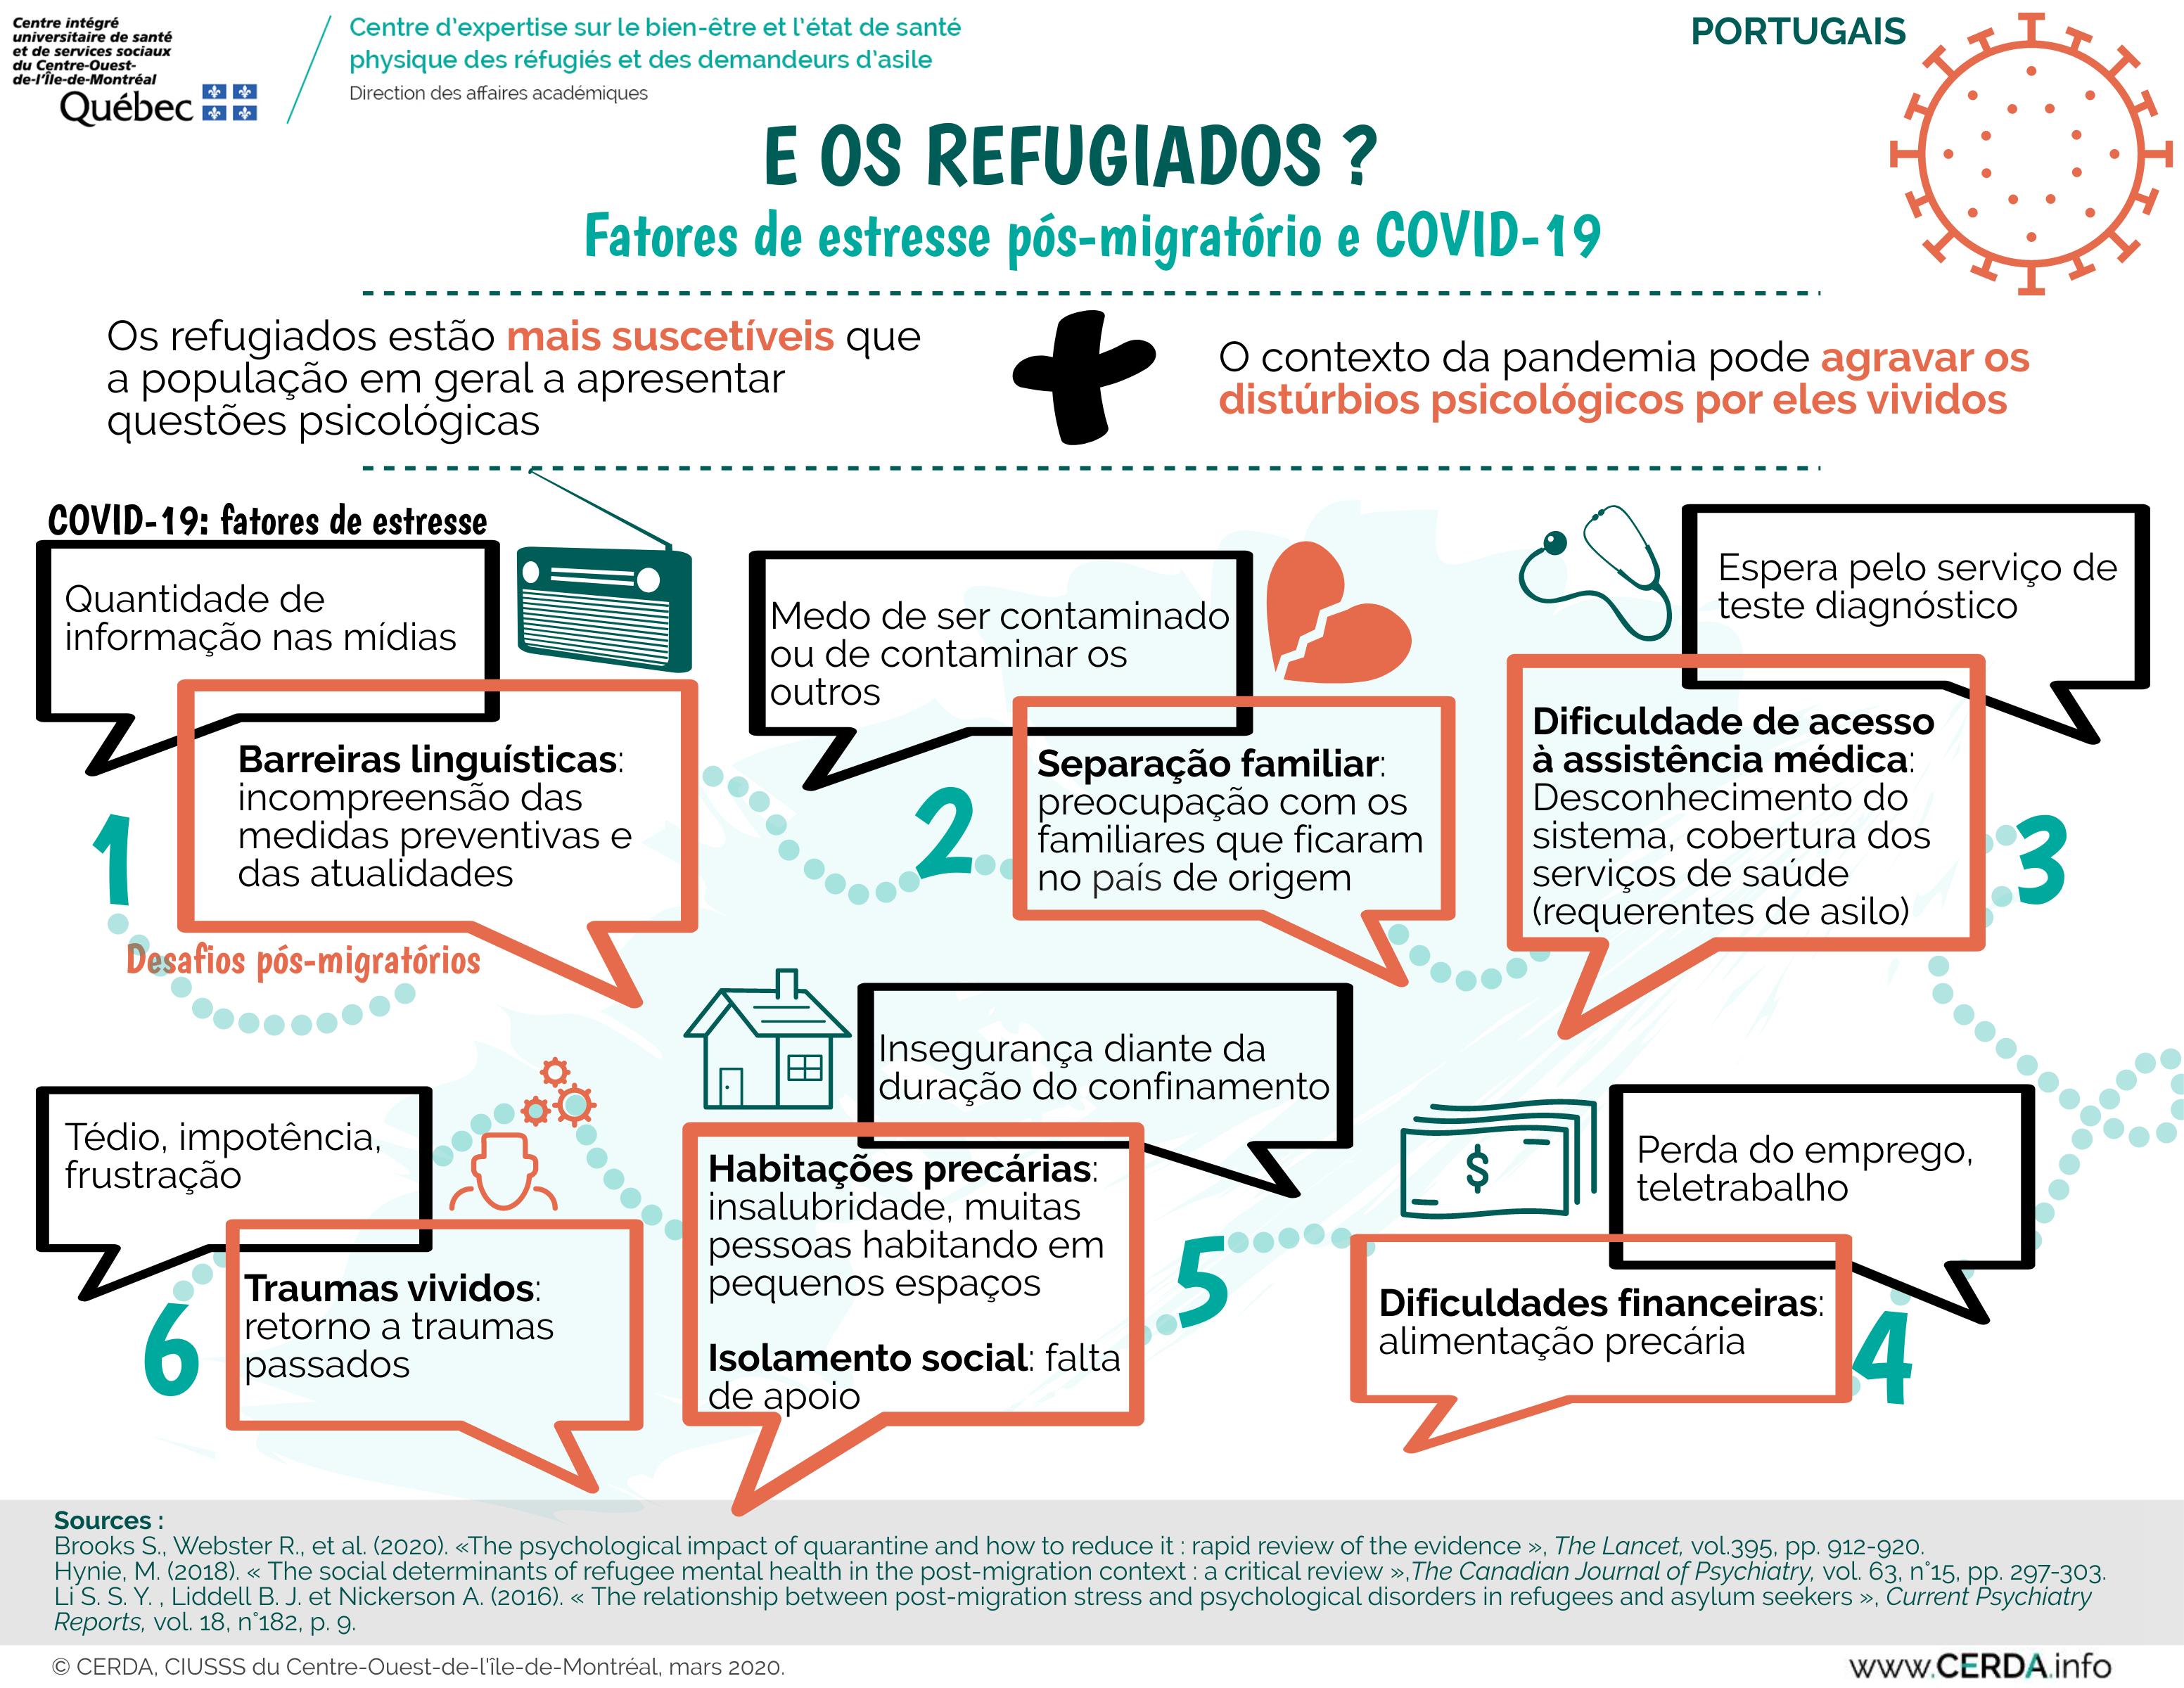 INFO - Et les réfugiés - Portugais